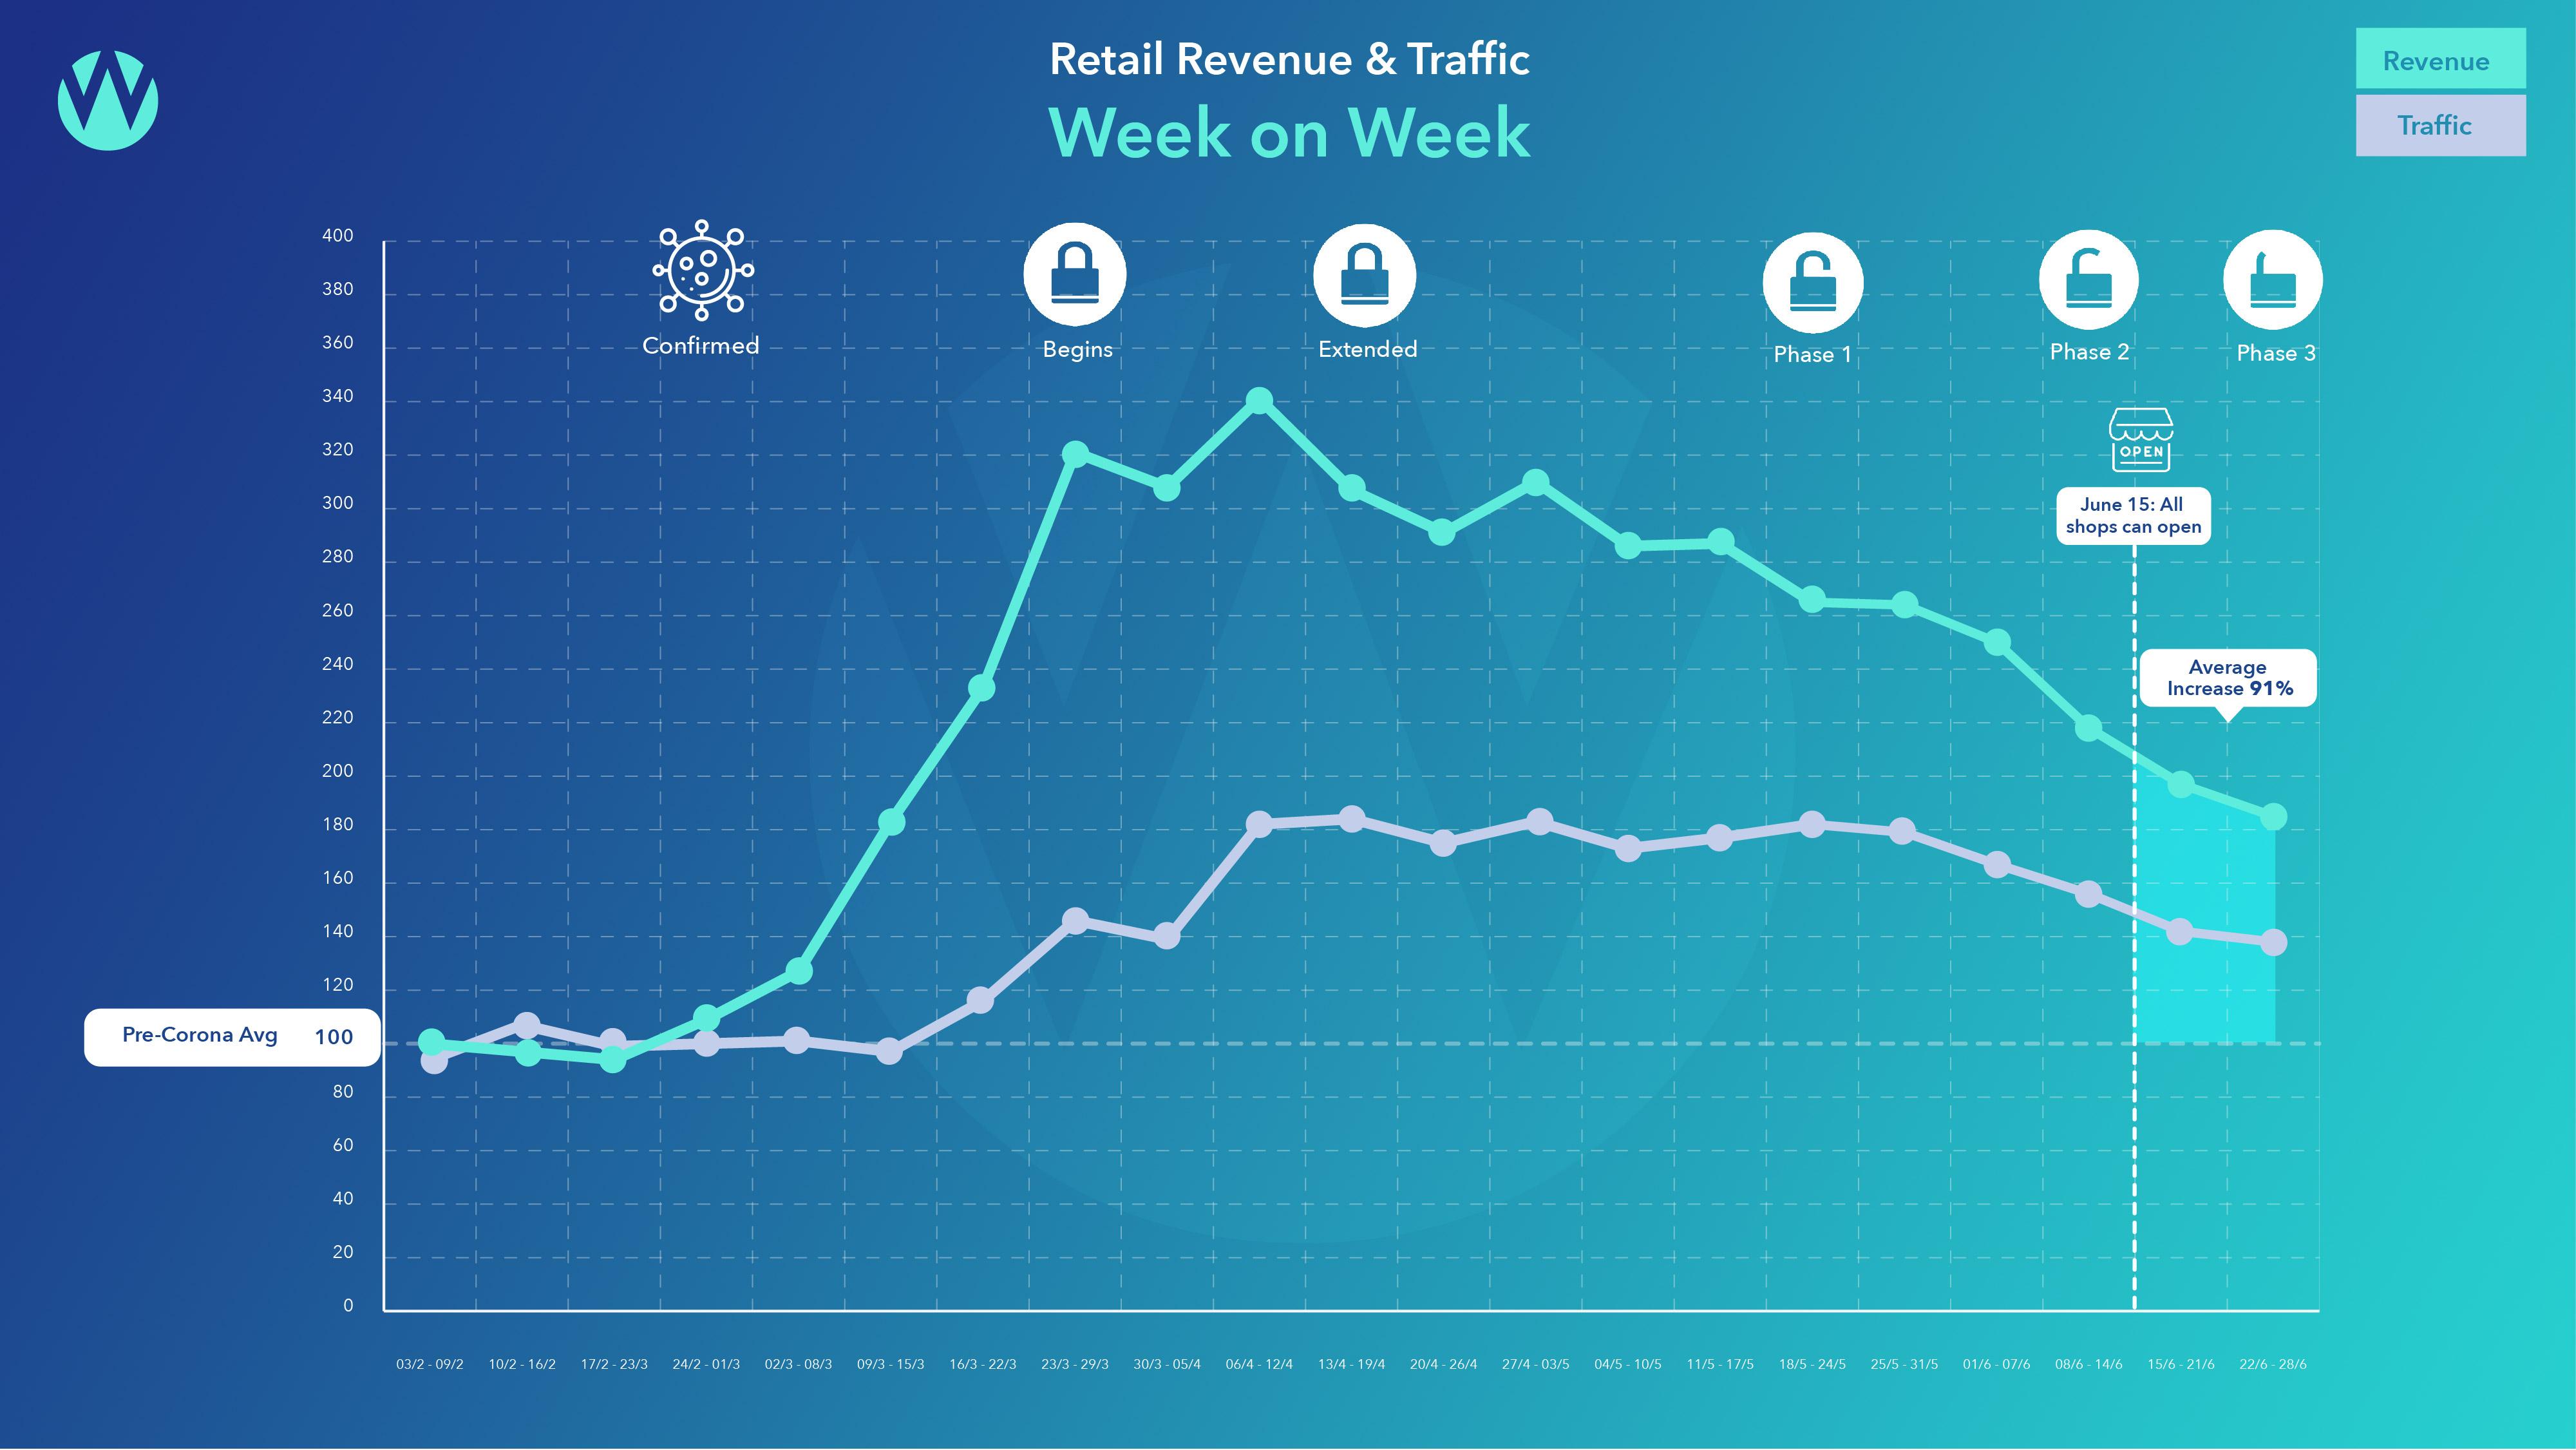 Retail revenue week on week Feb to June 2020